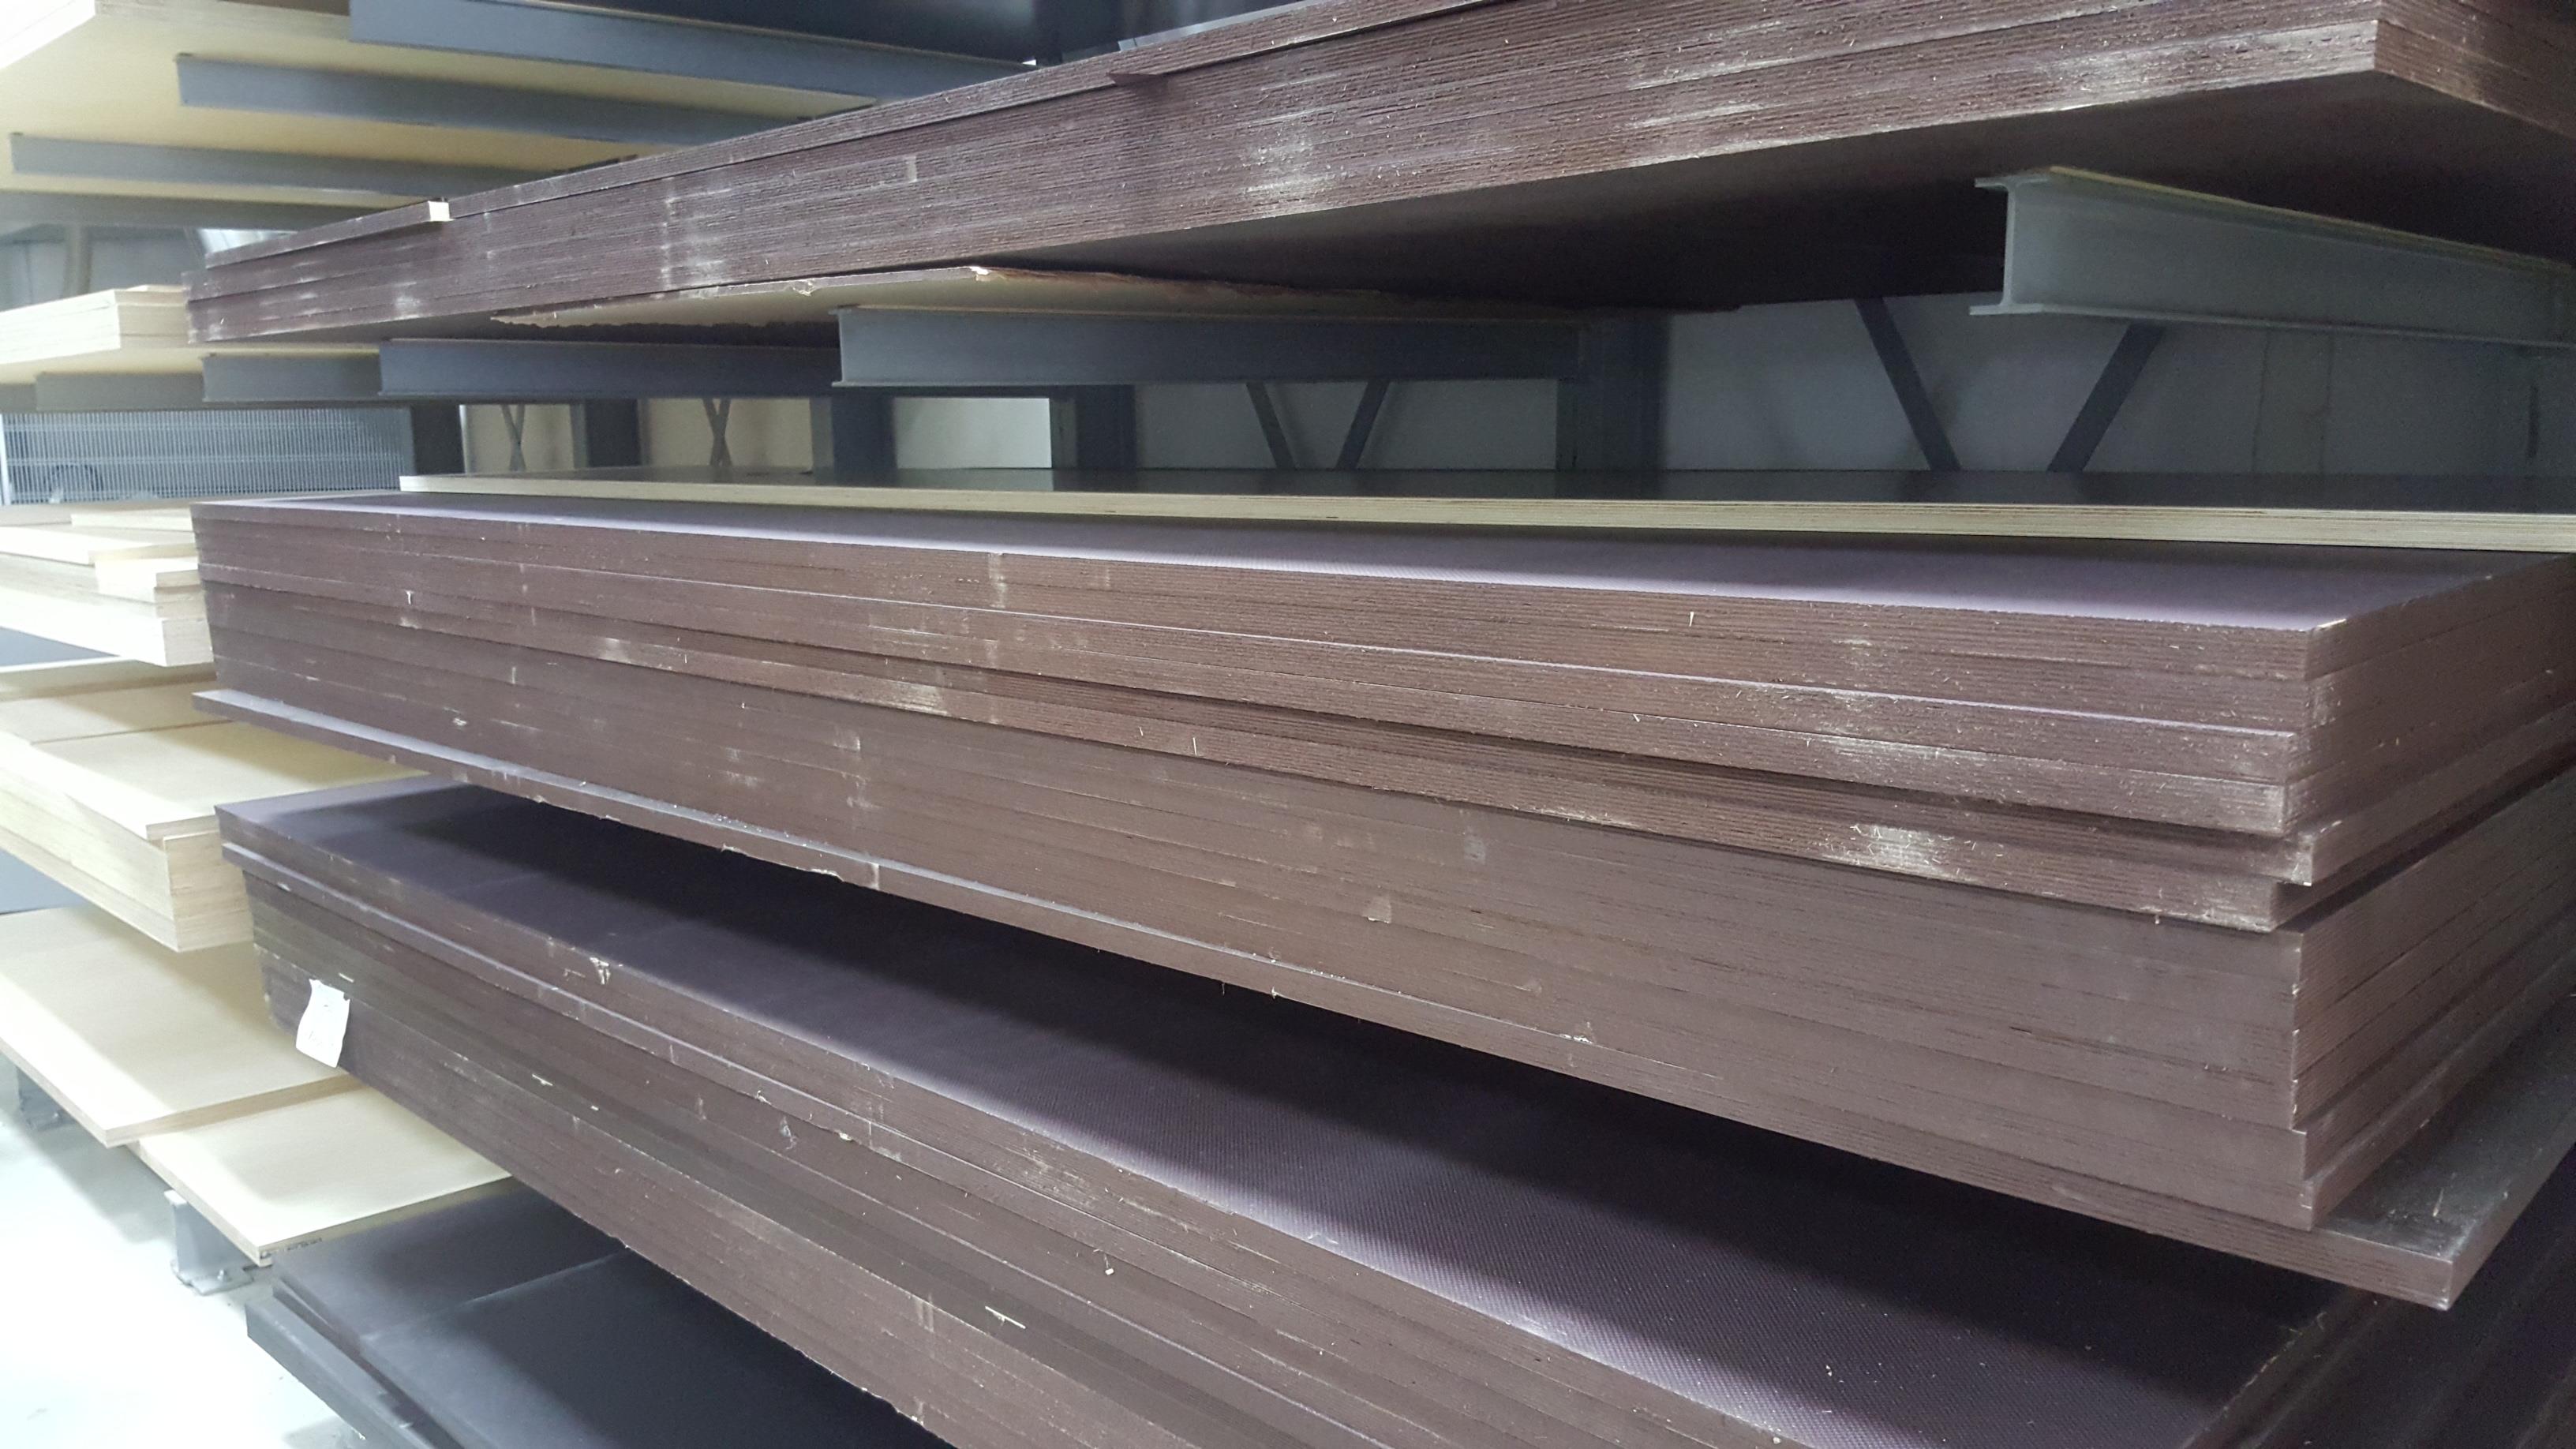 130x10 cm Siebdruckplatte 18mm Zuschnitt Multiplex Birke Holz Bodenplatte